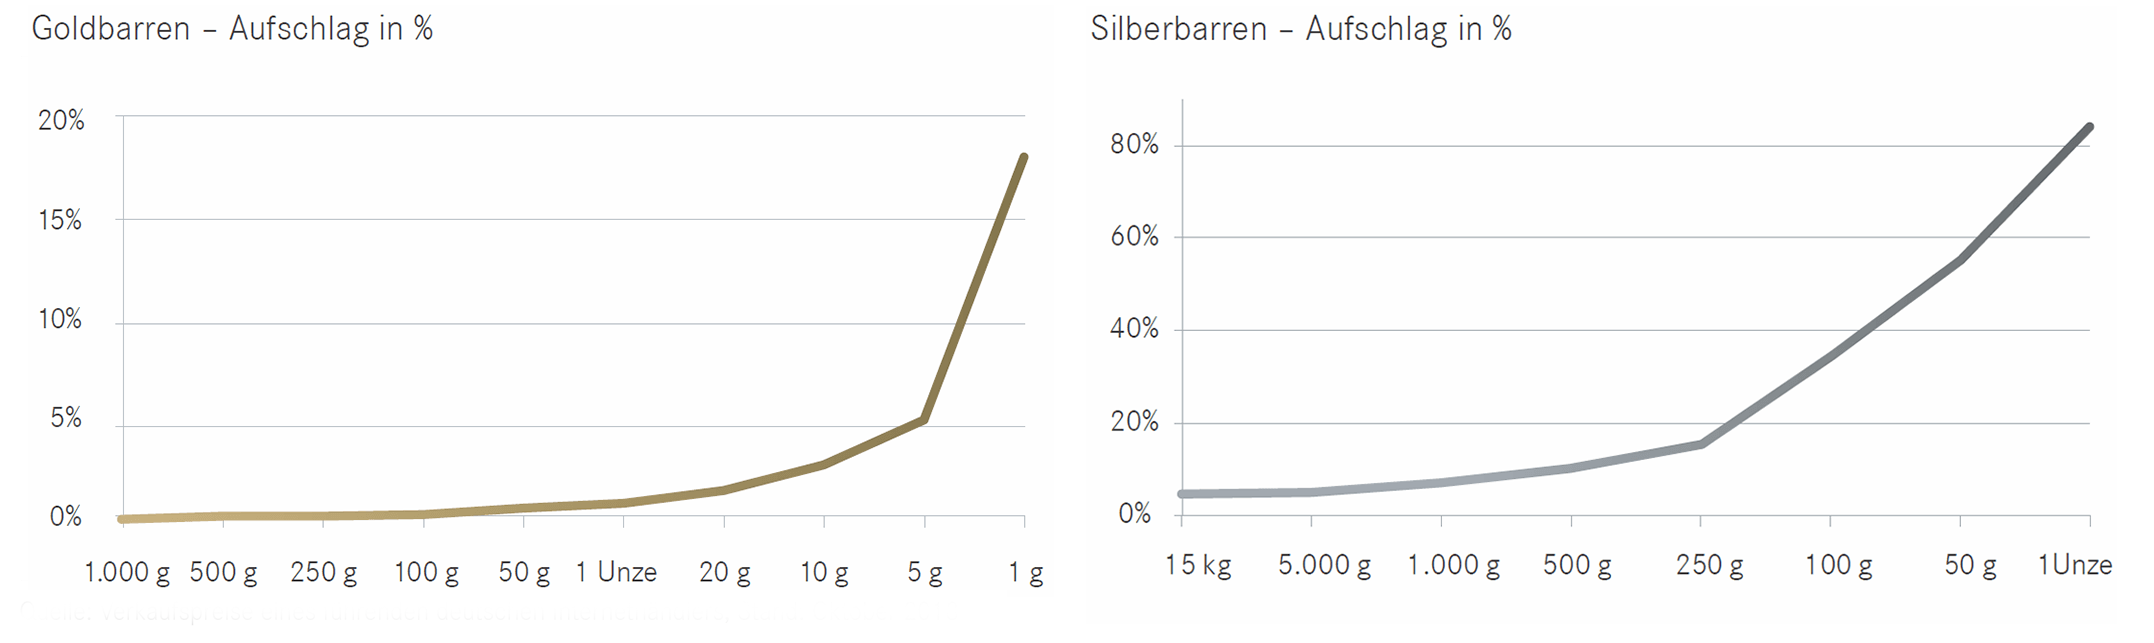 Grafik Goldbarren- und Silberbarrenaufschlag in Prozent